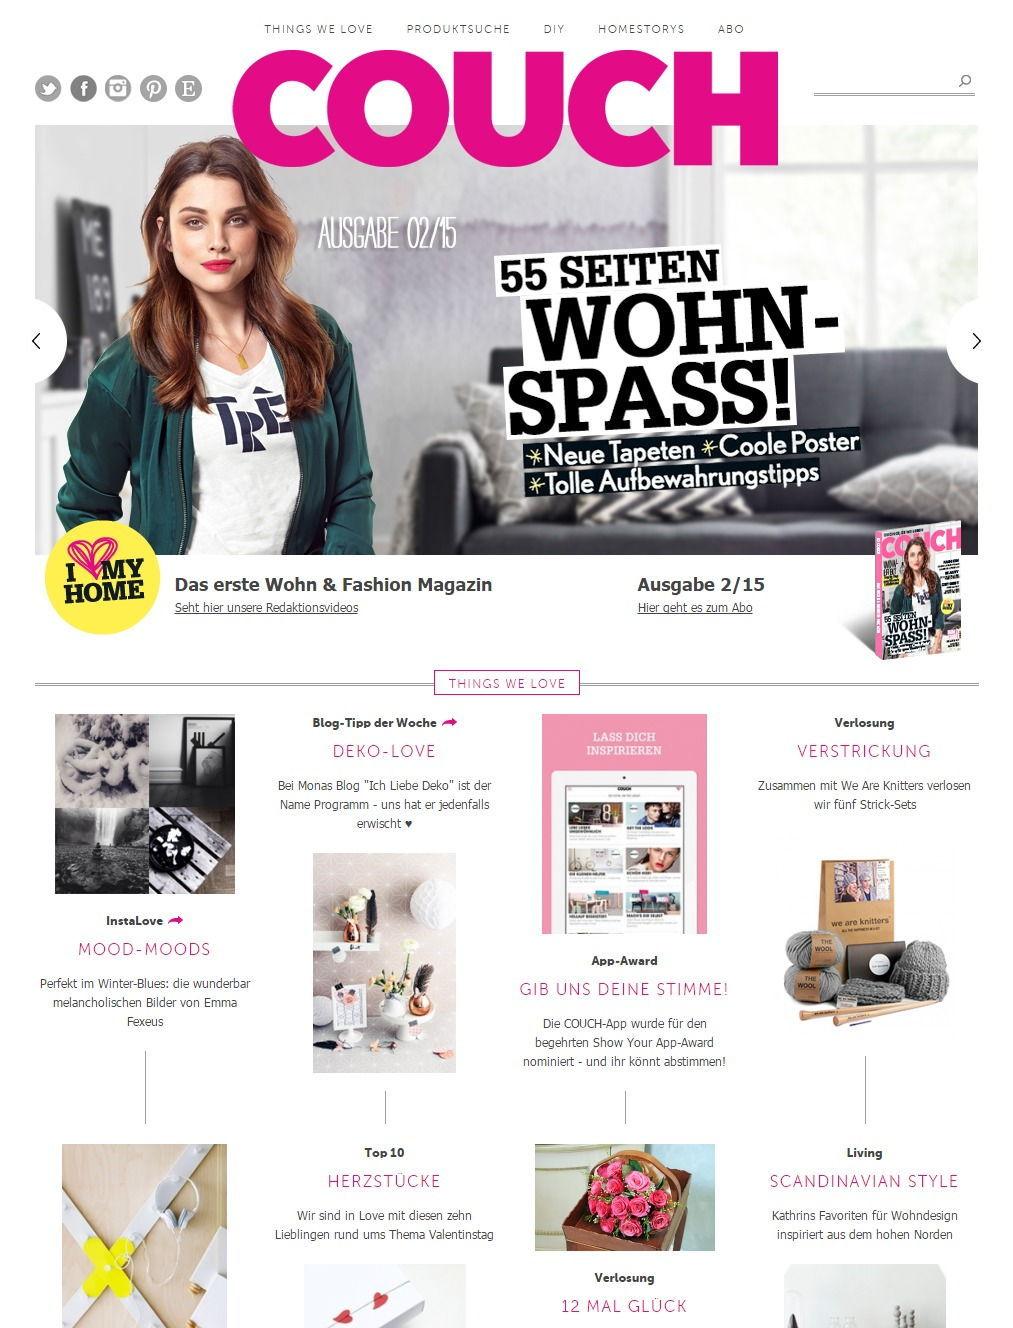 presse referenzen ich liebe deko. Black Bedroom Furniture Sets. Home Design Ideas